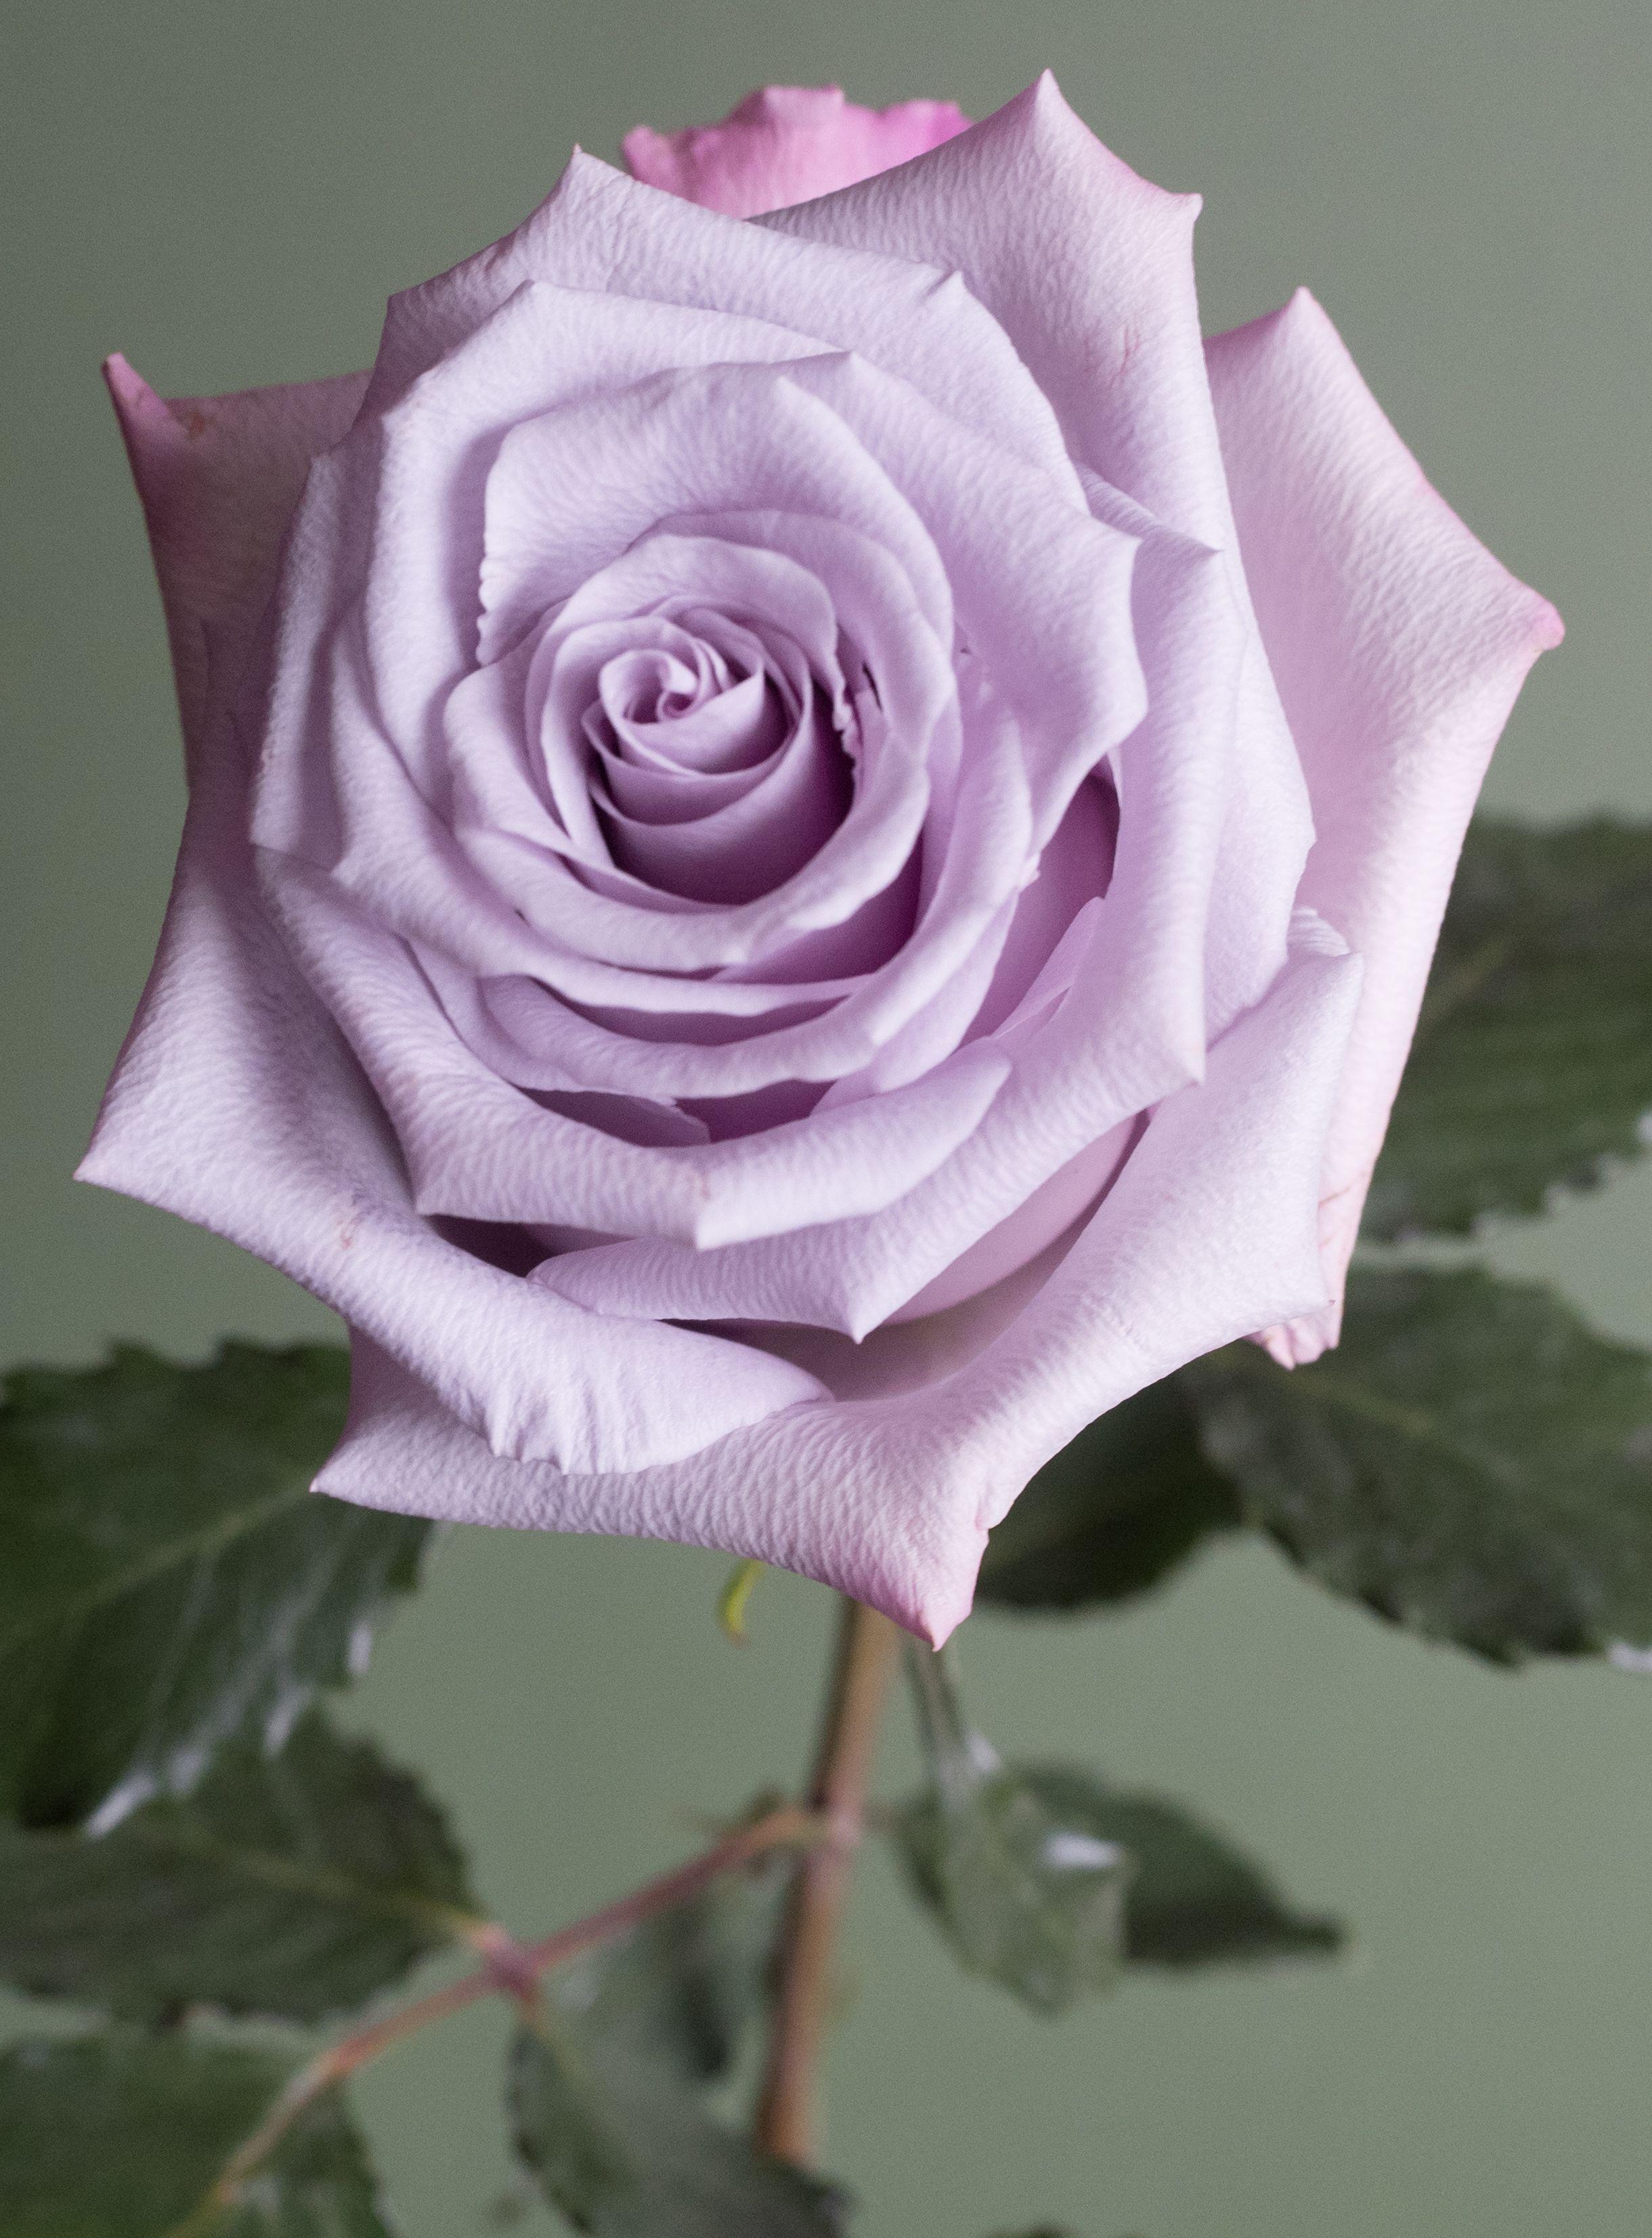 Home Popular Lavender Rose Varieties Lavender Varieties Rose